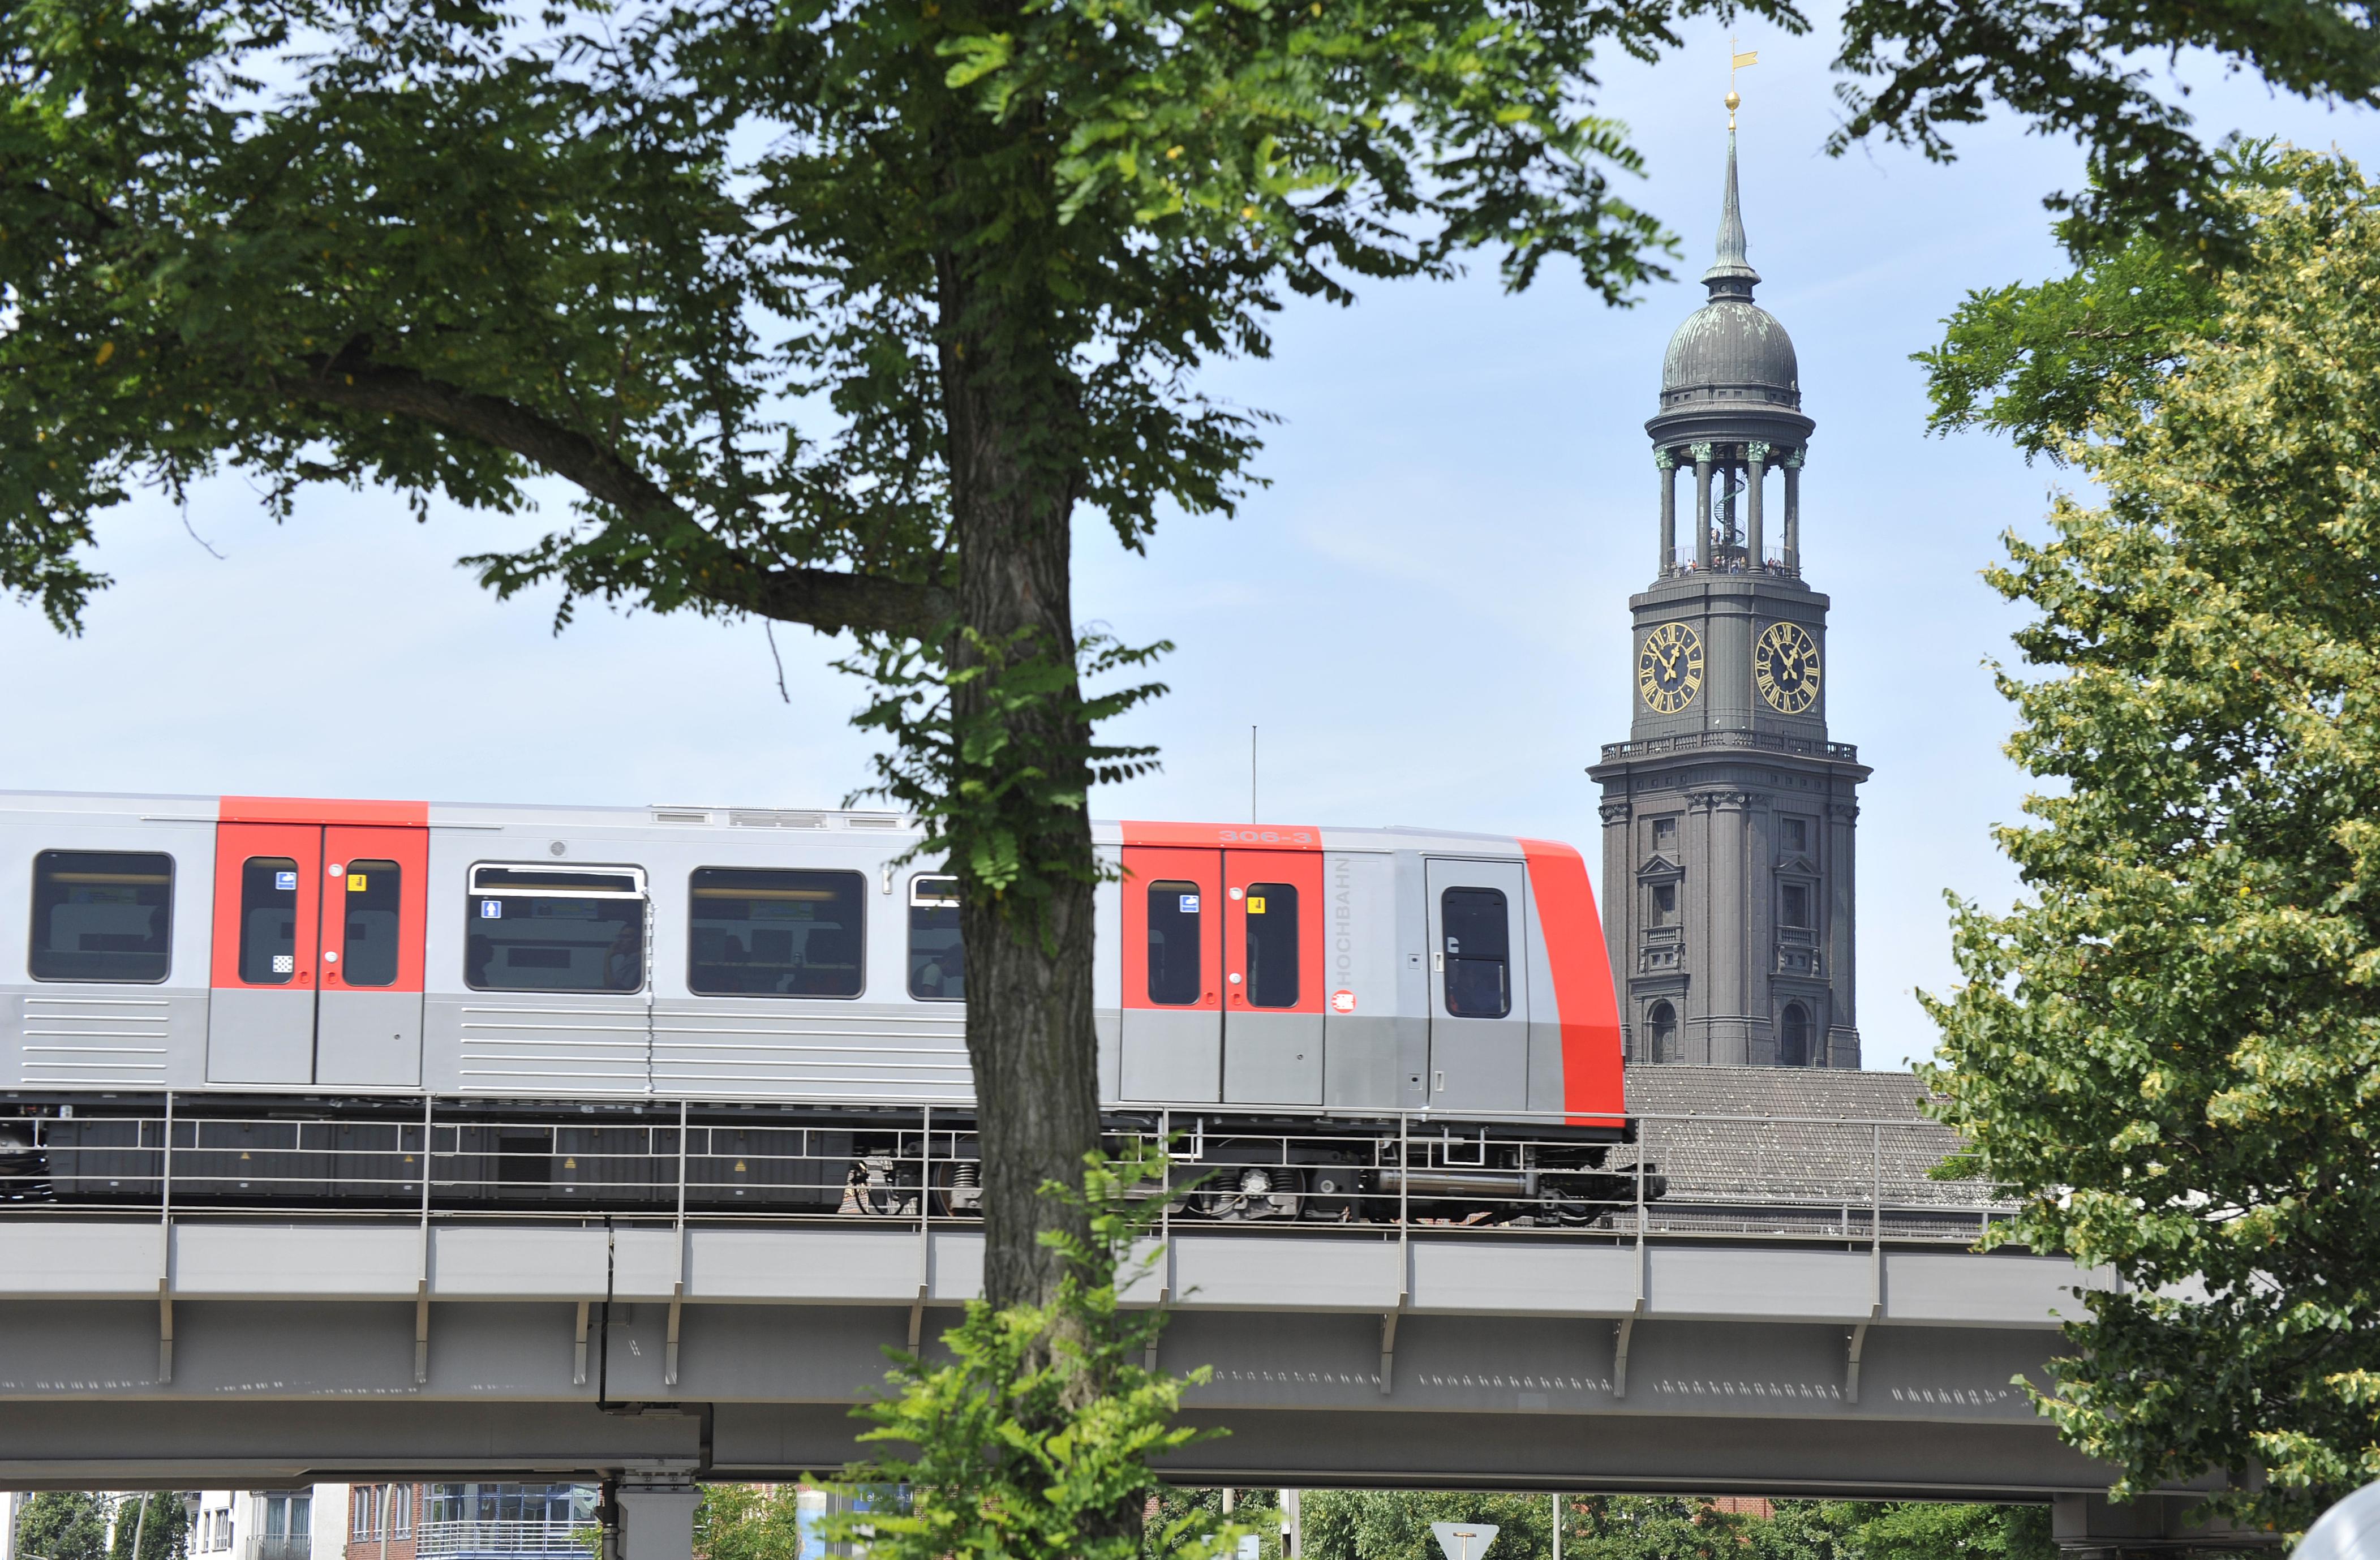 Green Bond für neue DT5-Züge